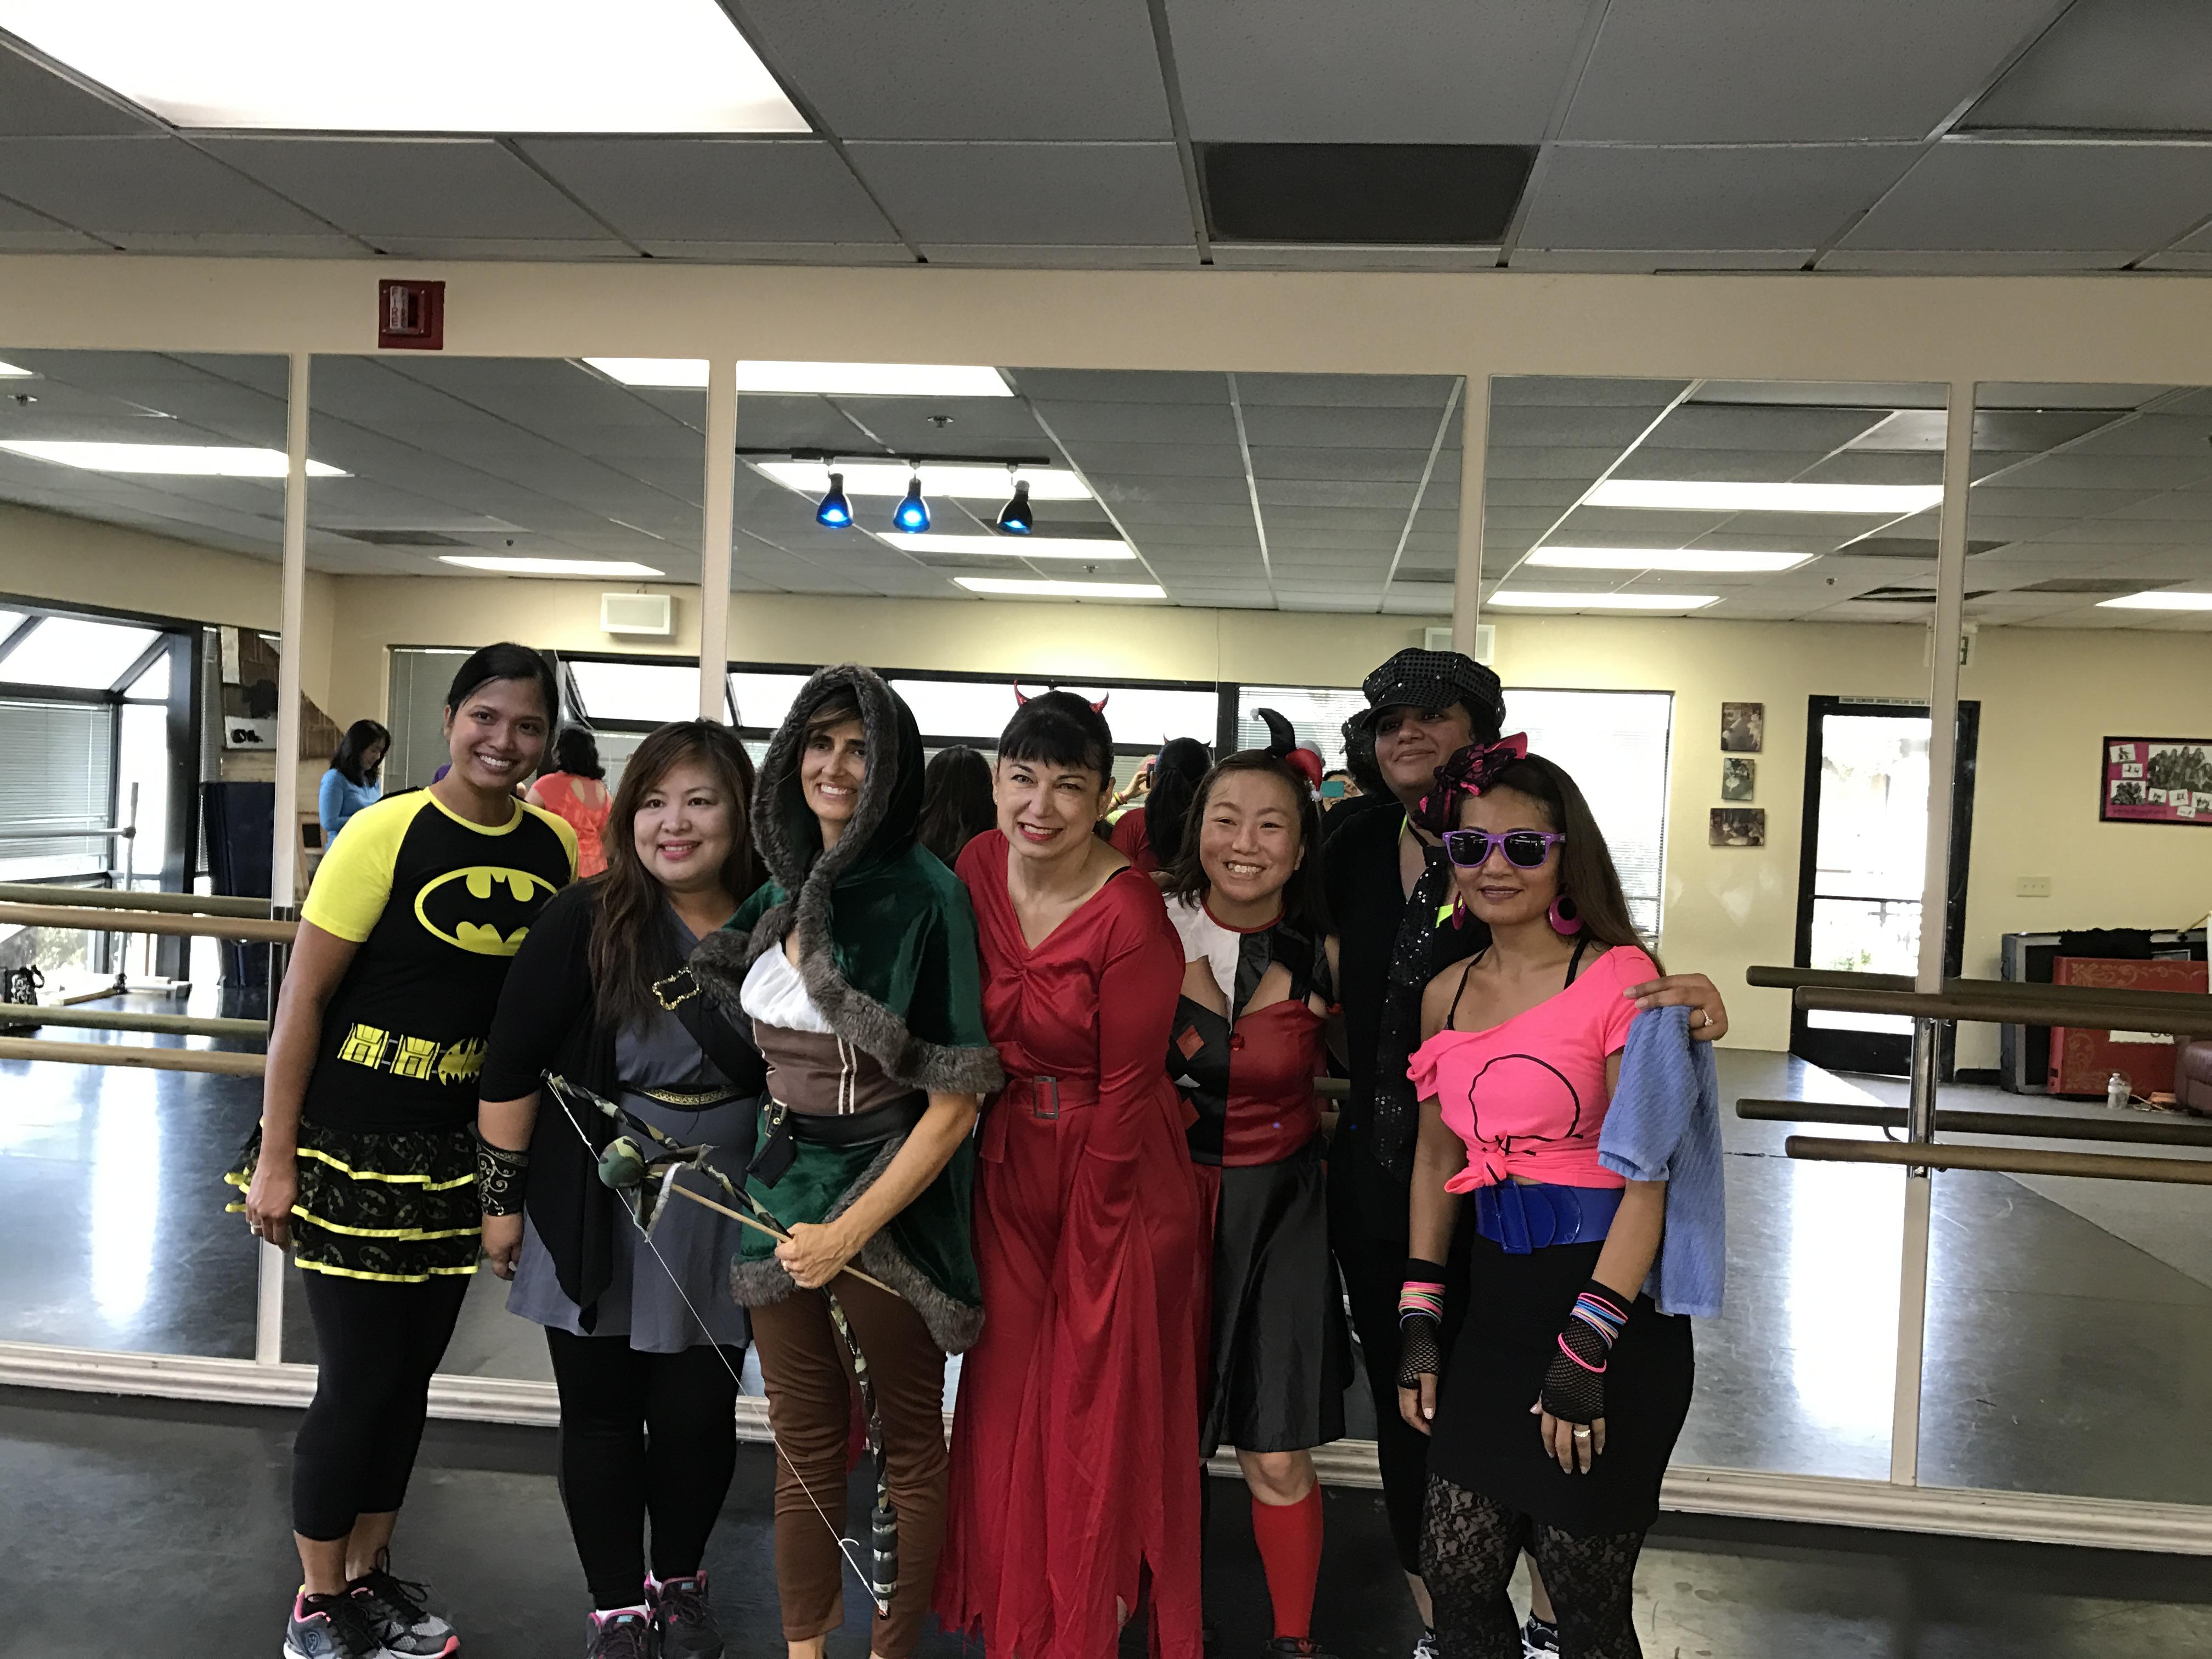 Costume contest participants!